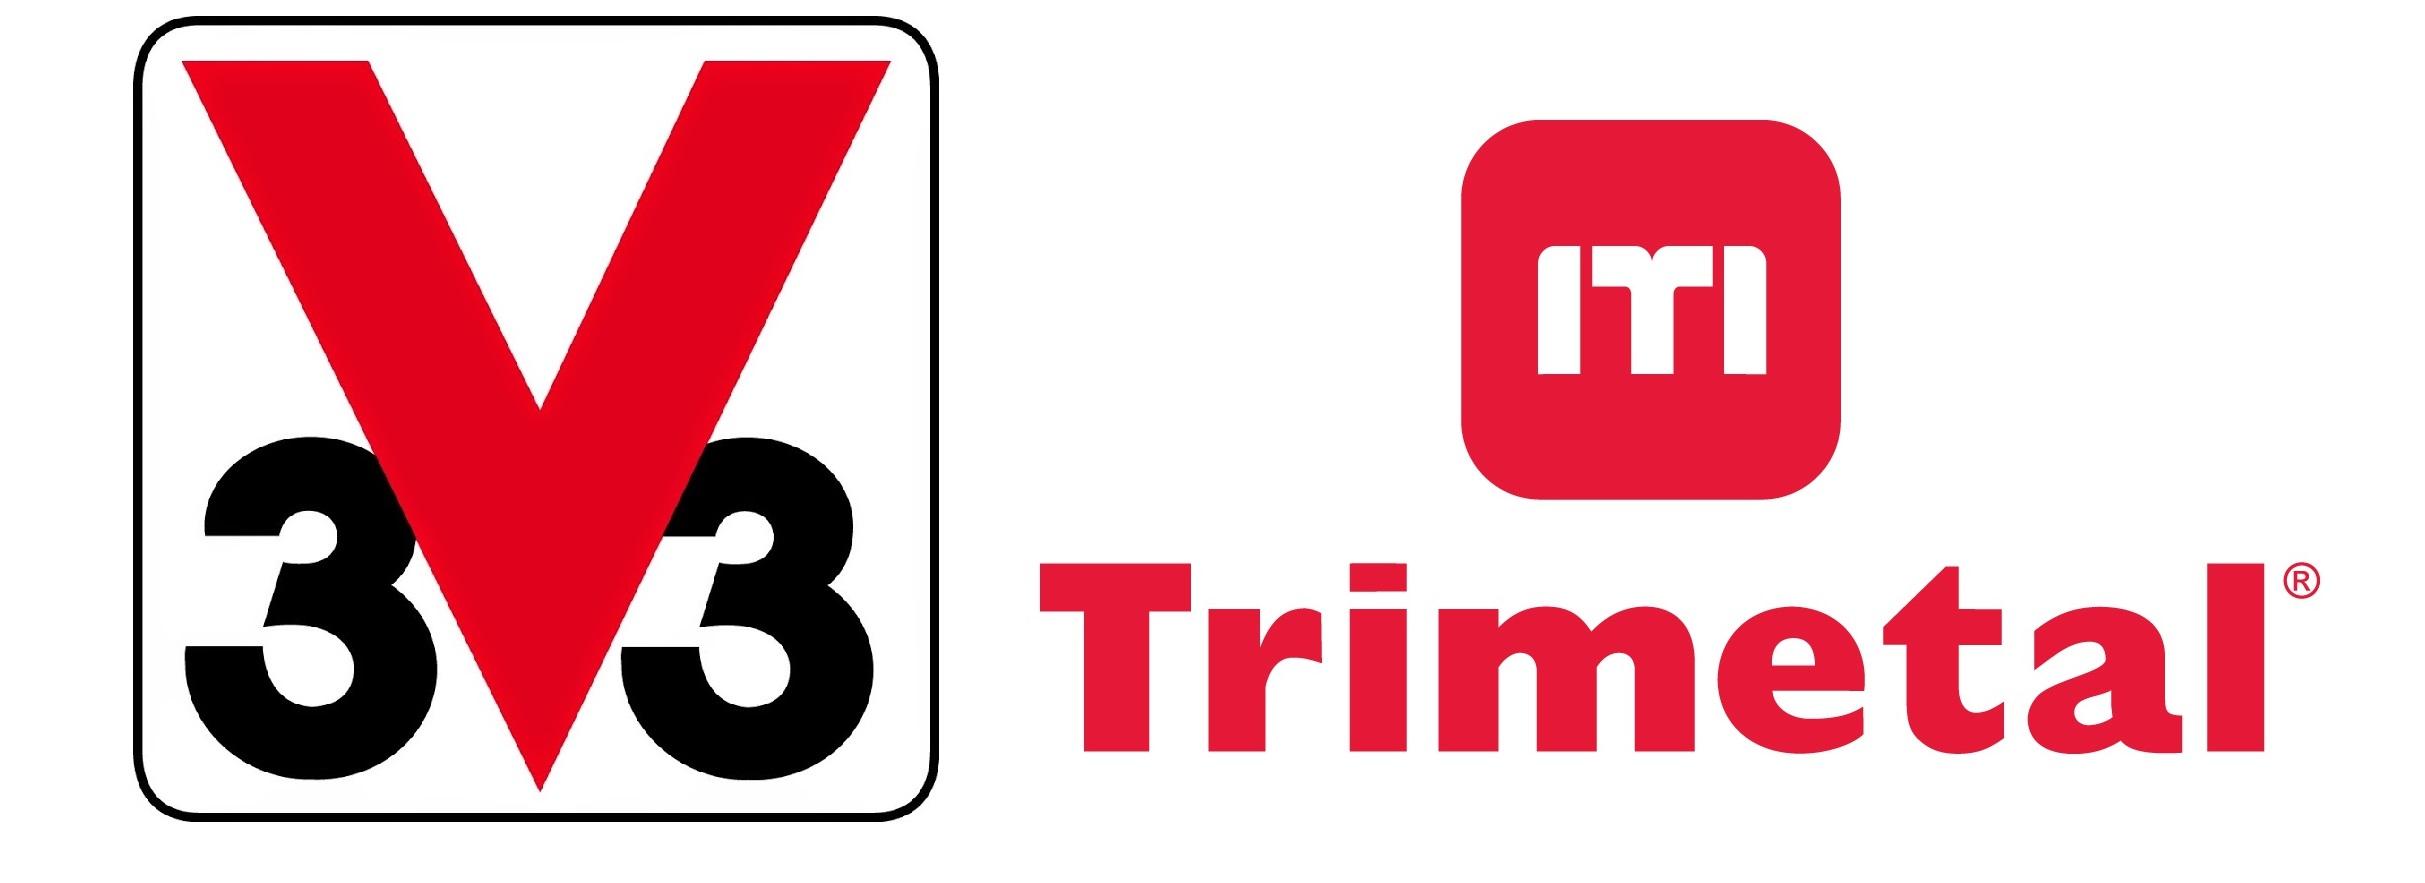 trimetal v33